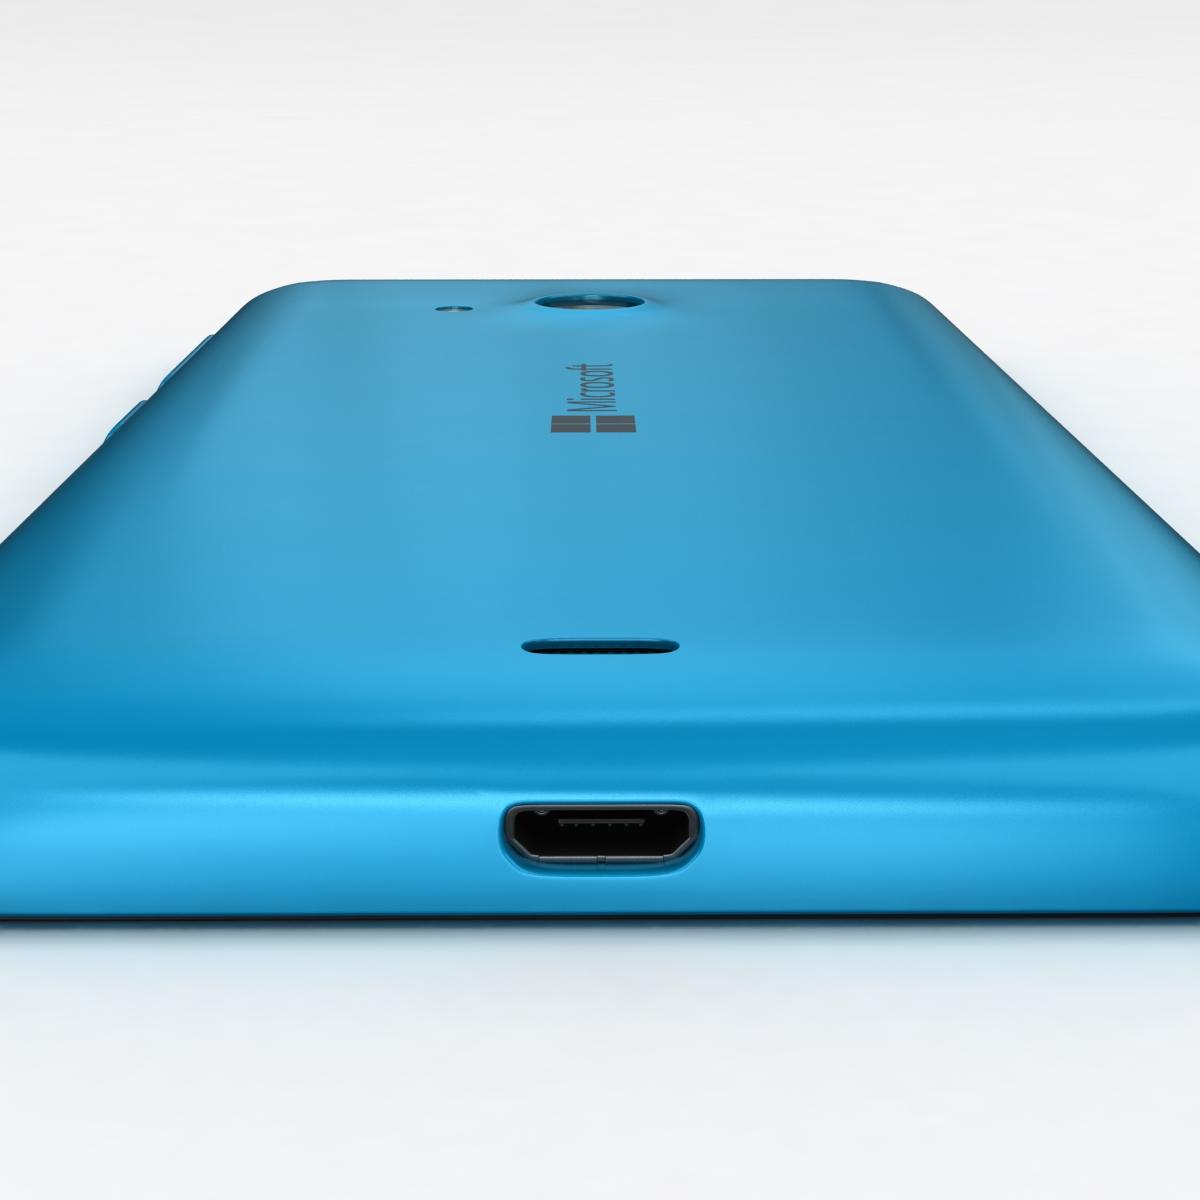 microsoft lumia 535 and dual sim all colors 3d model 3ds max fbx c4d obj 204700